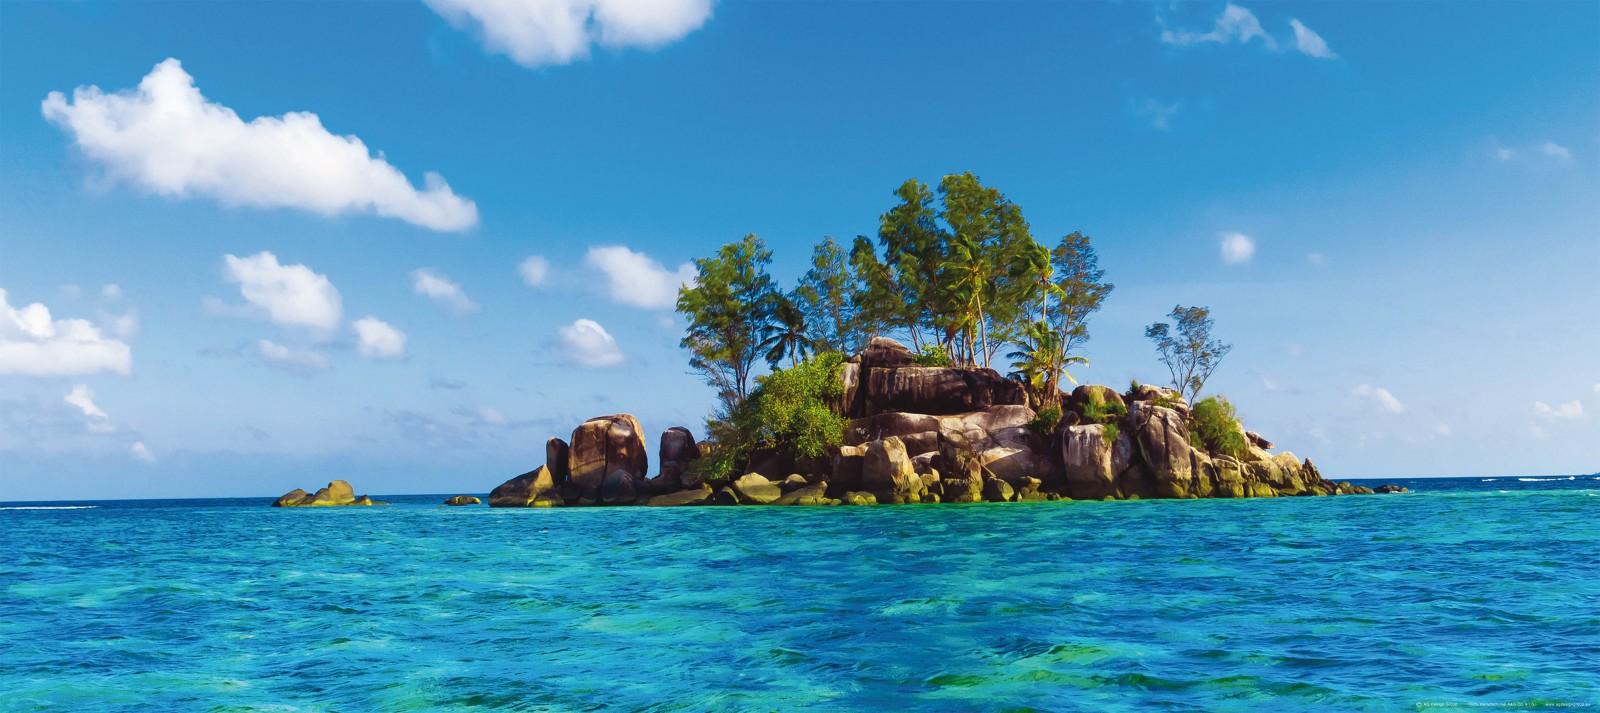 Fototapete Tapete Insel Meer Paradies Blau Foto 90 X 202 Cm